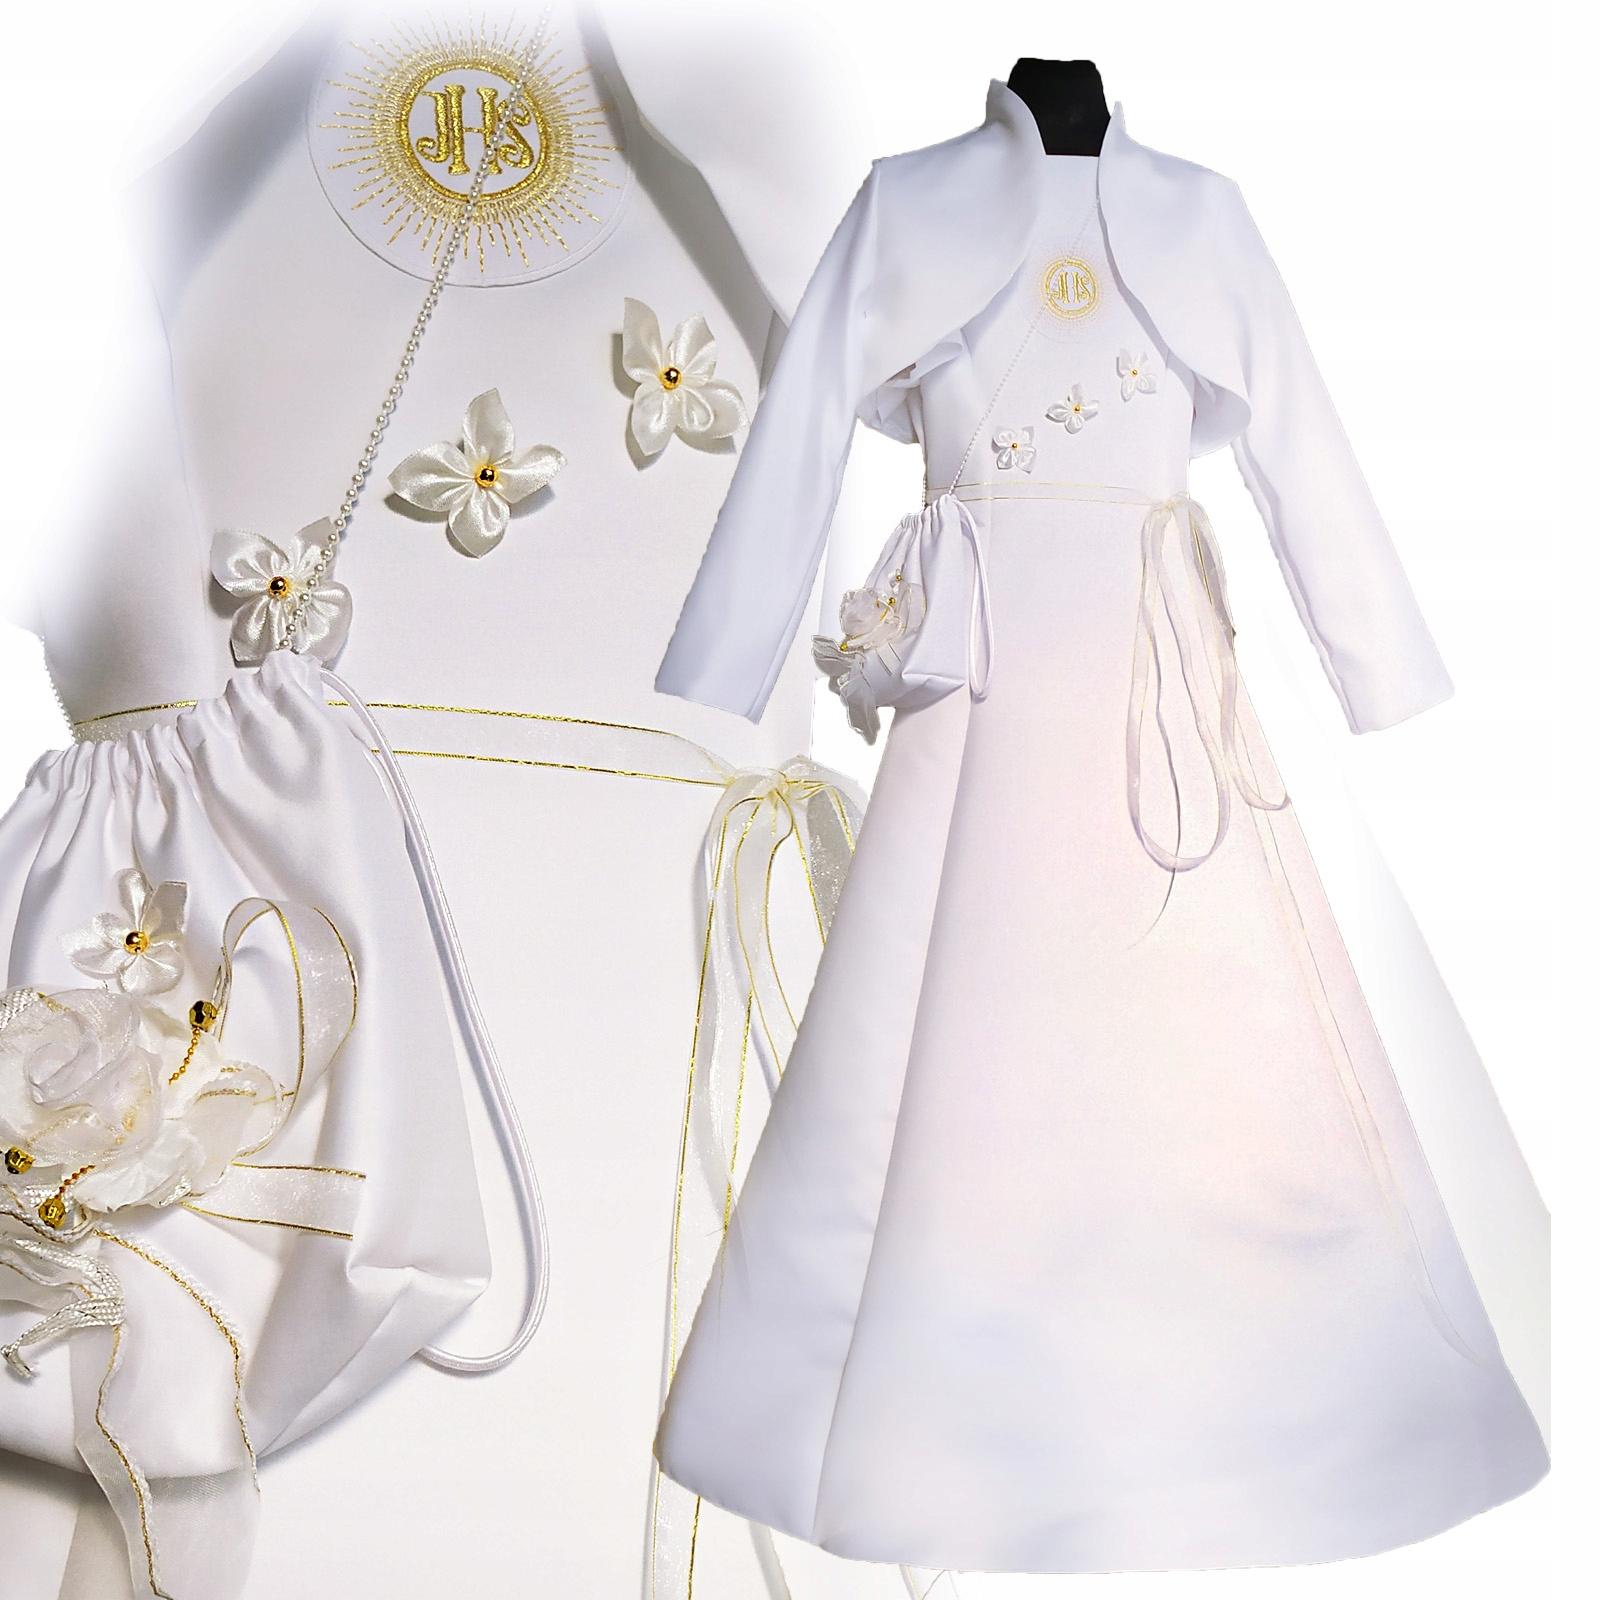 Болеро платье Alba, болеро кошелек NAOMI 146